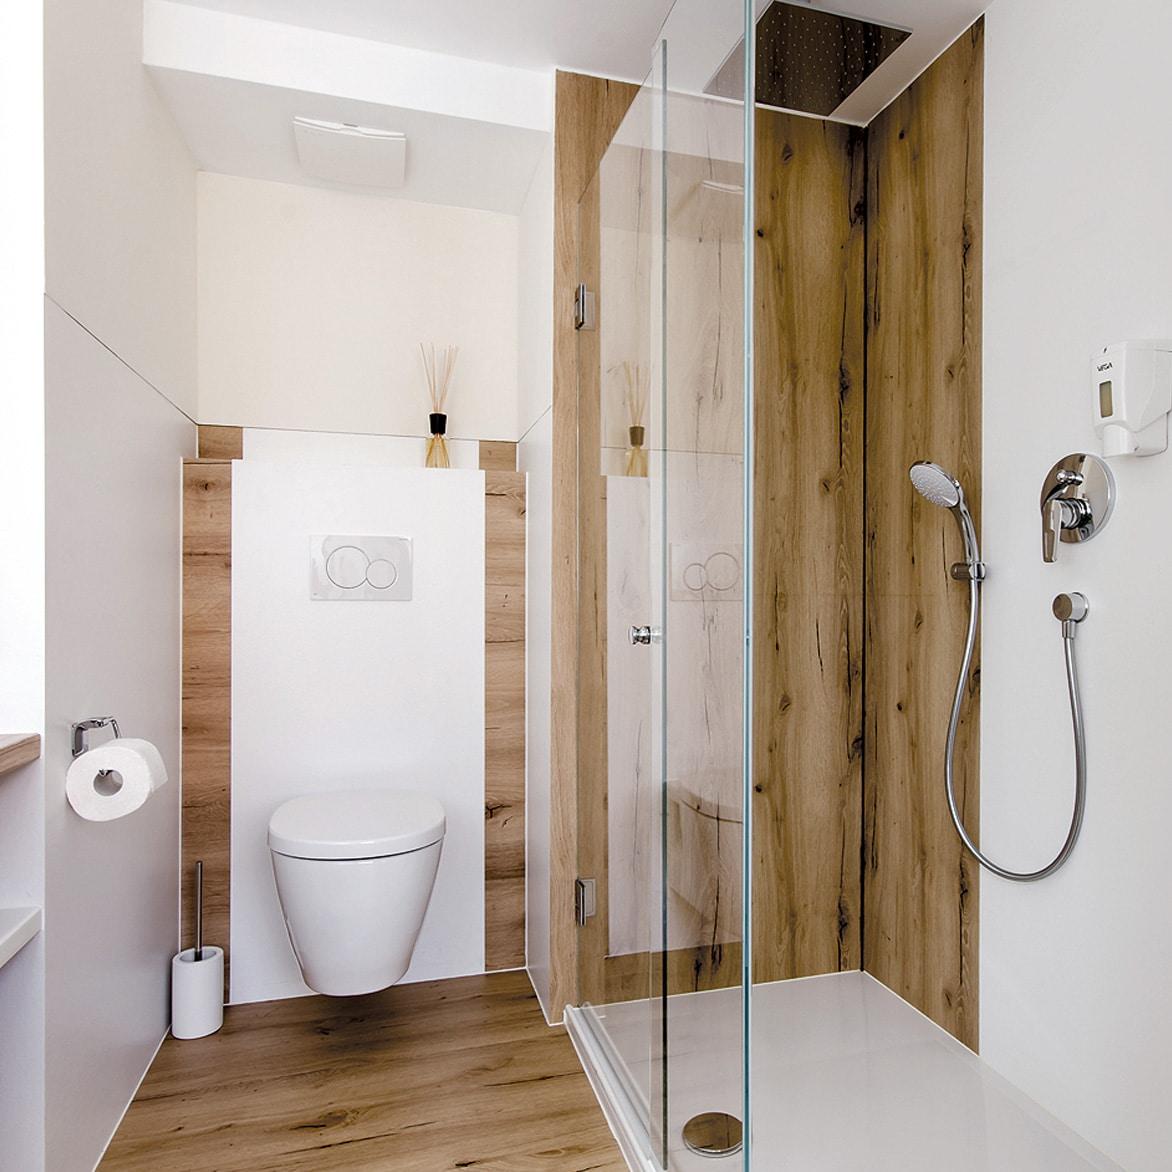 WC Renovierung mit Dusche